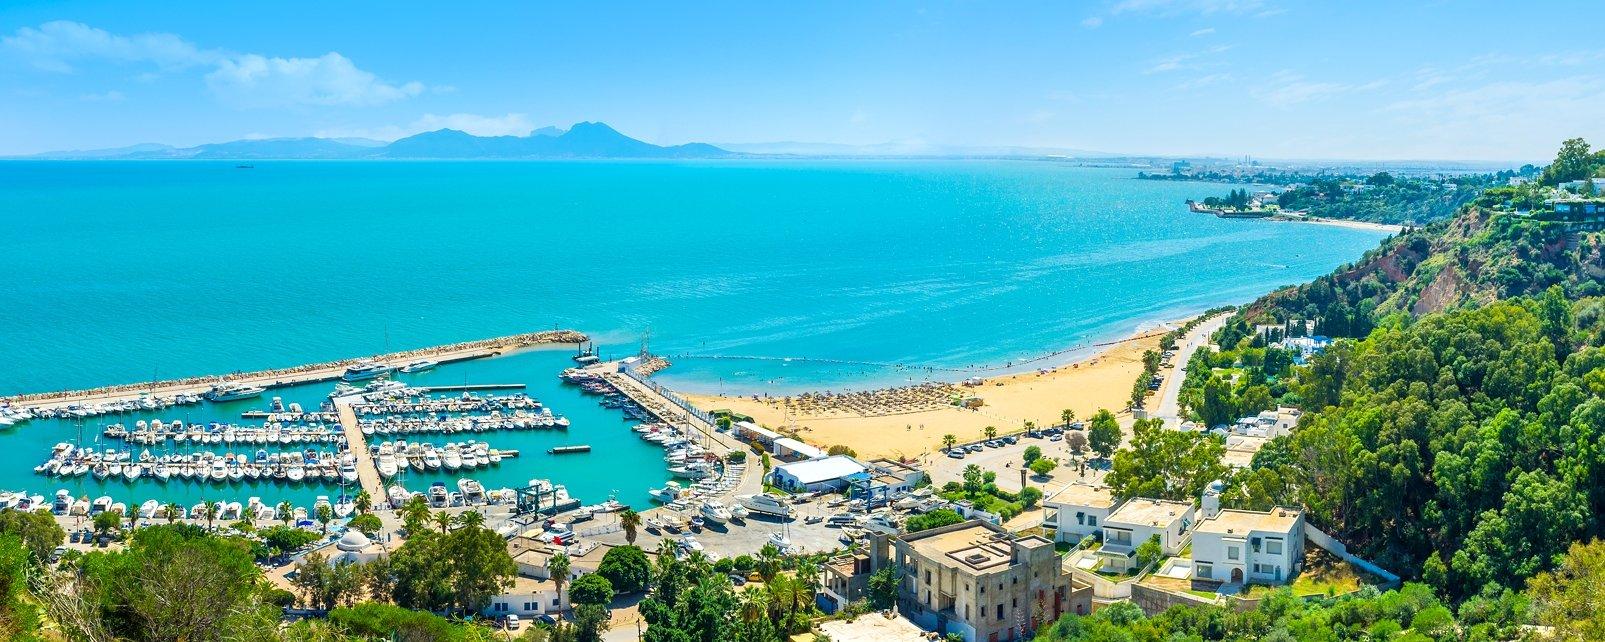 """Résultat de recherche d'images pour """"les plus beaux endroits tunisie"""""""